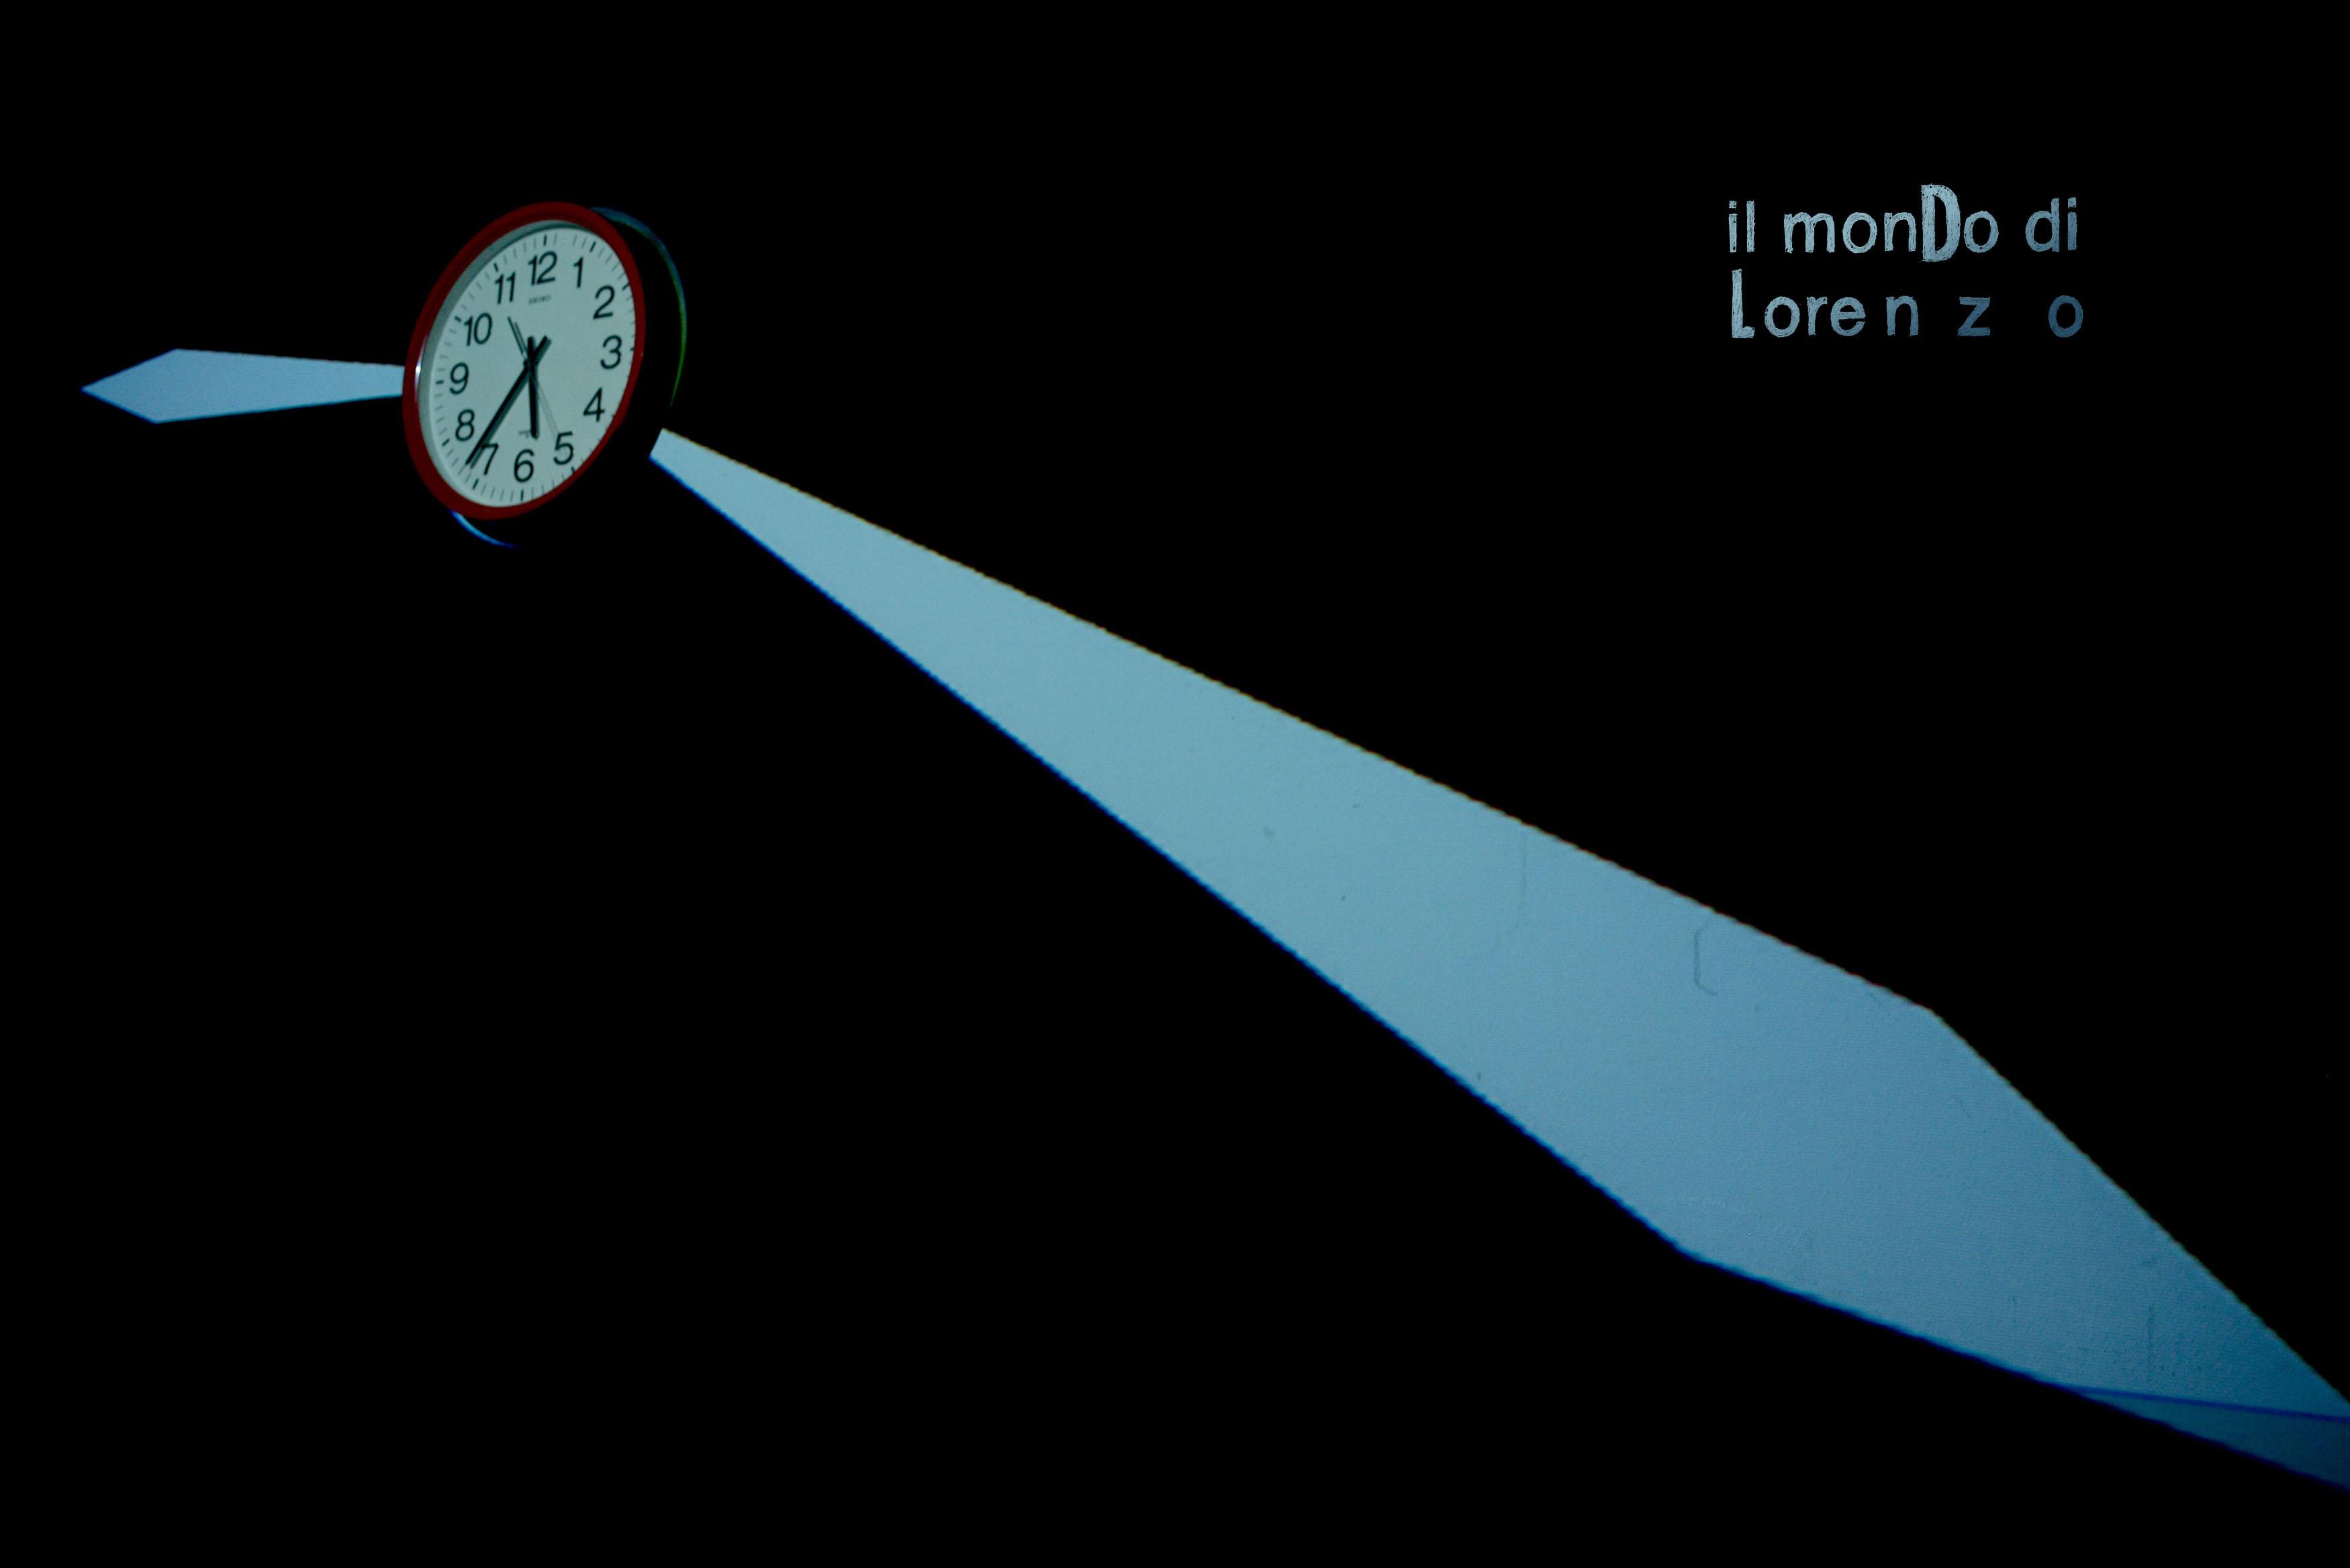 copertina-il-mondo-di-lorenzo_light